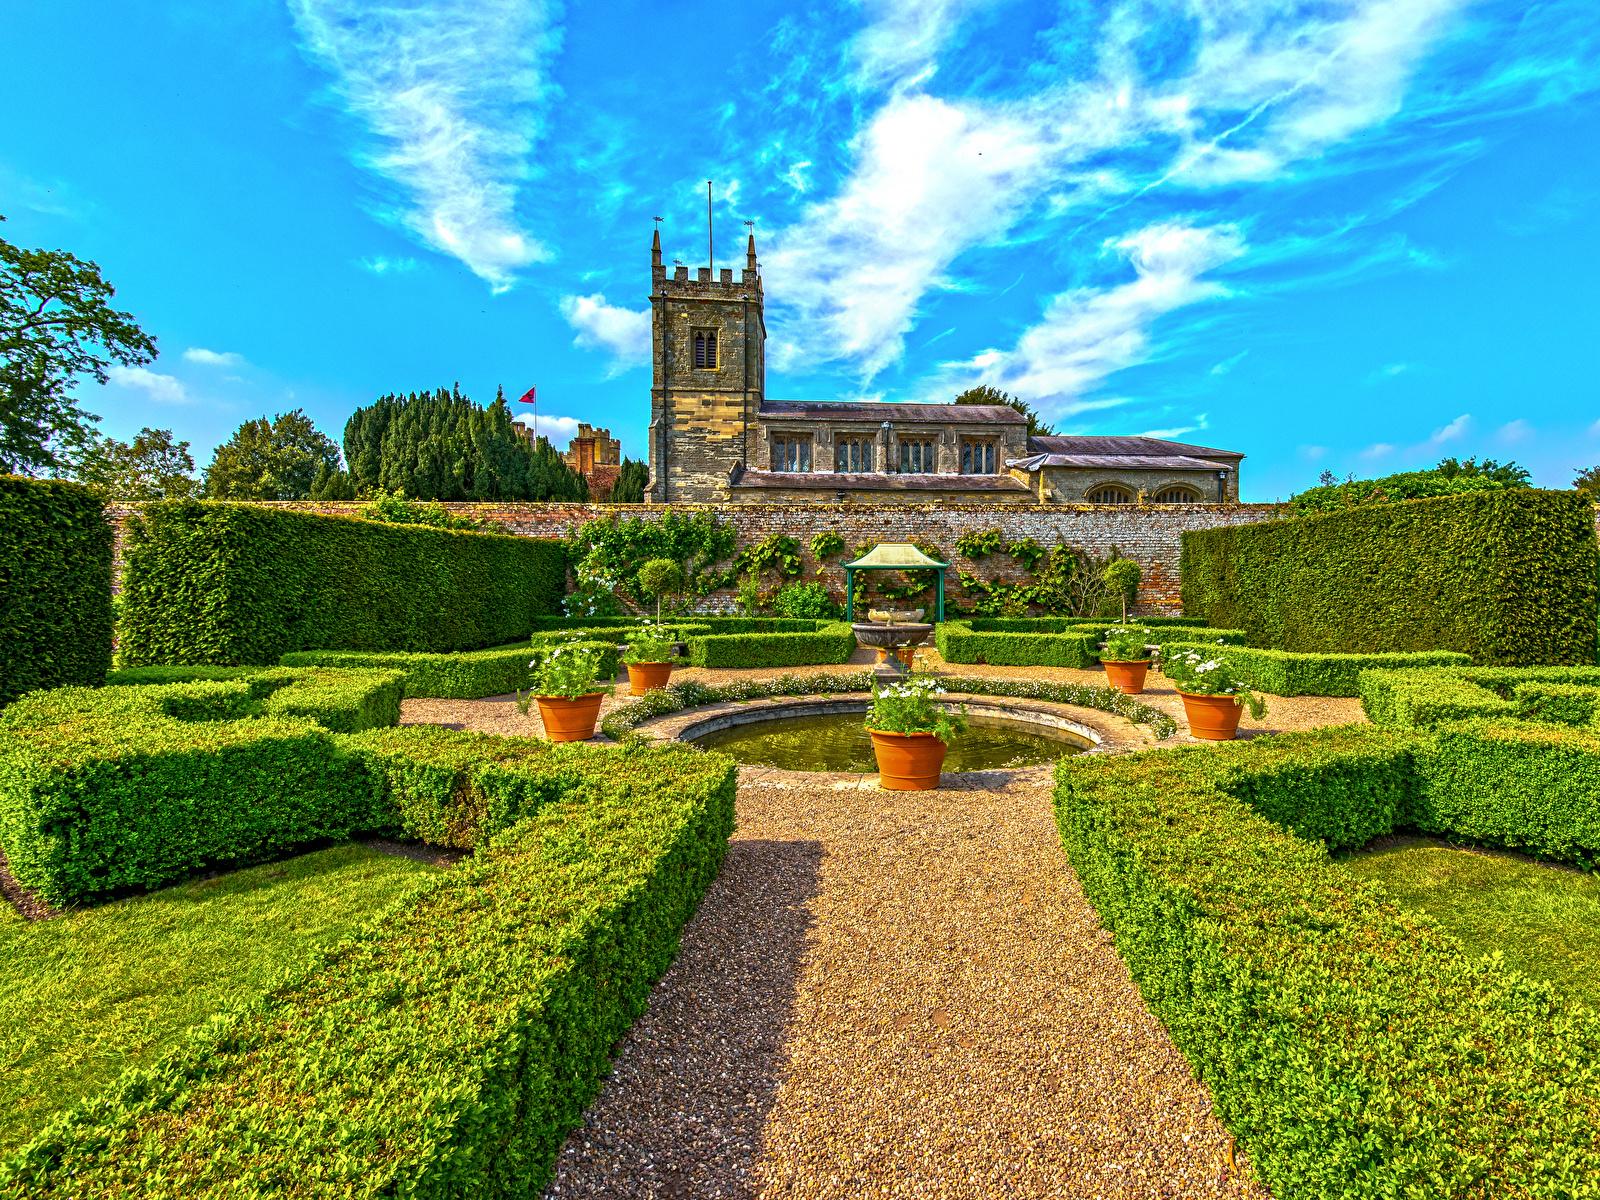 Bilder Springbrunnen Vereinigtes Königreich Coughton Court Park Natur Haus Strauch Design 1600x1200 Gebäude